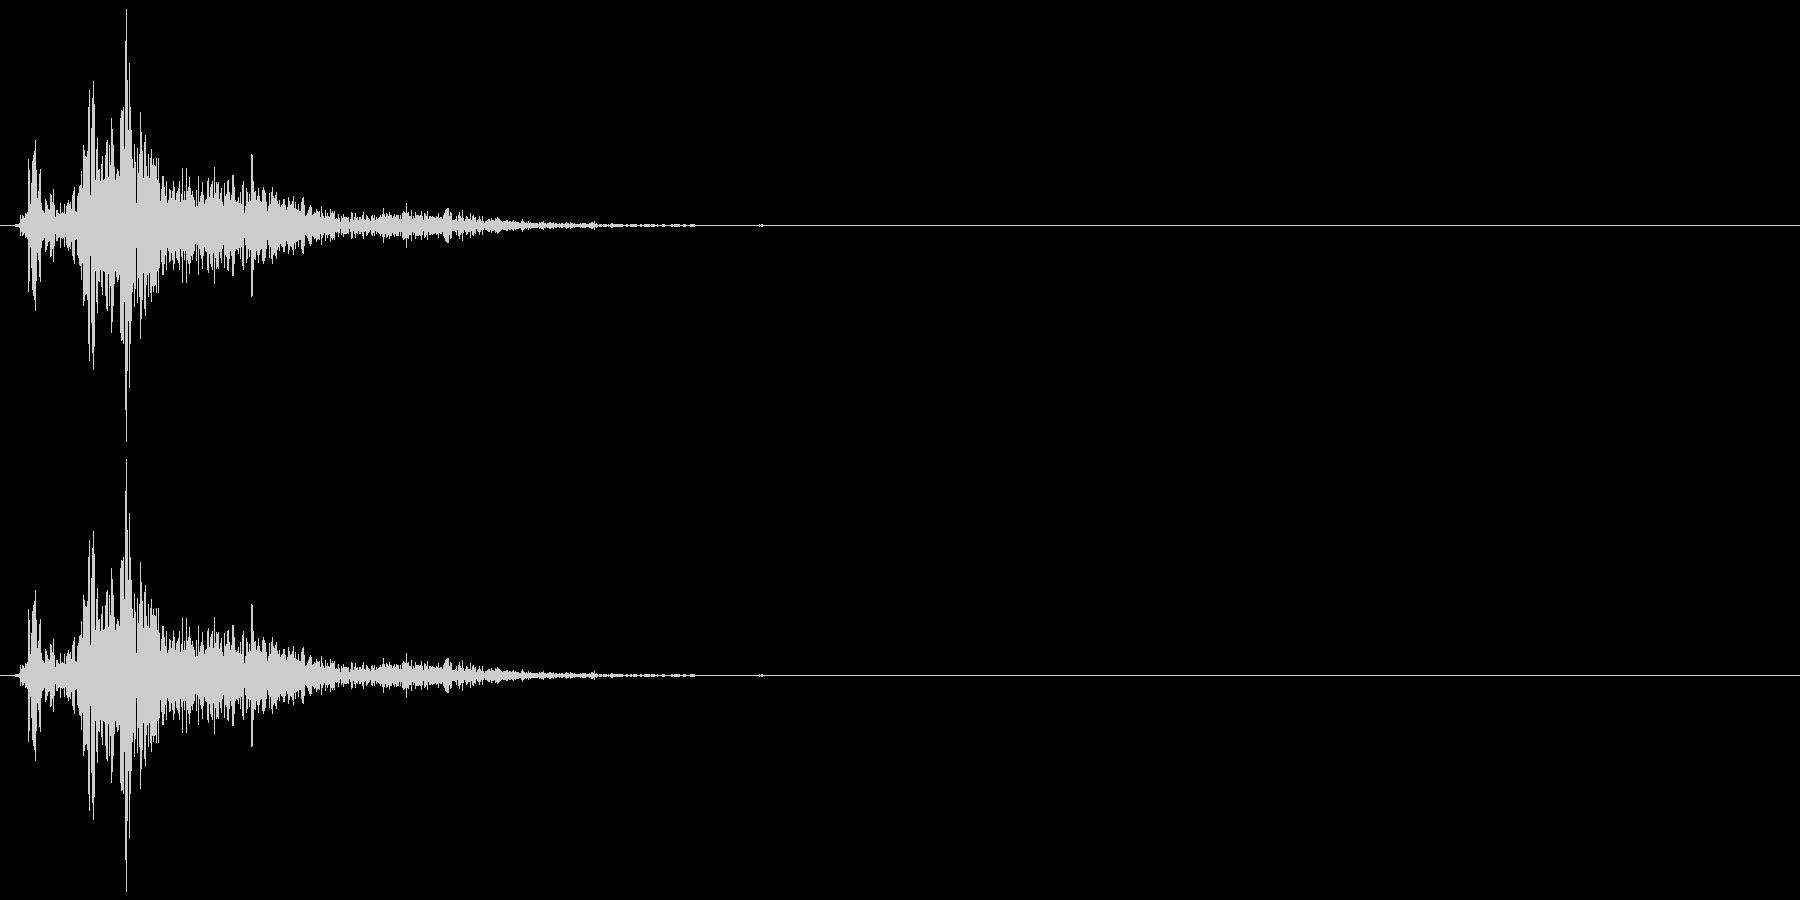 ドサッ(人が倒れる音)08の未再生の波形